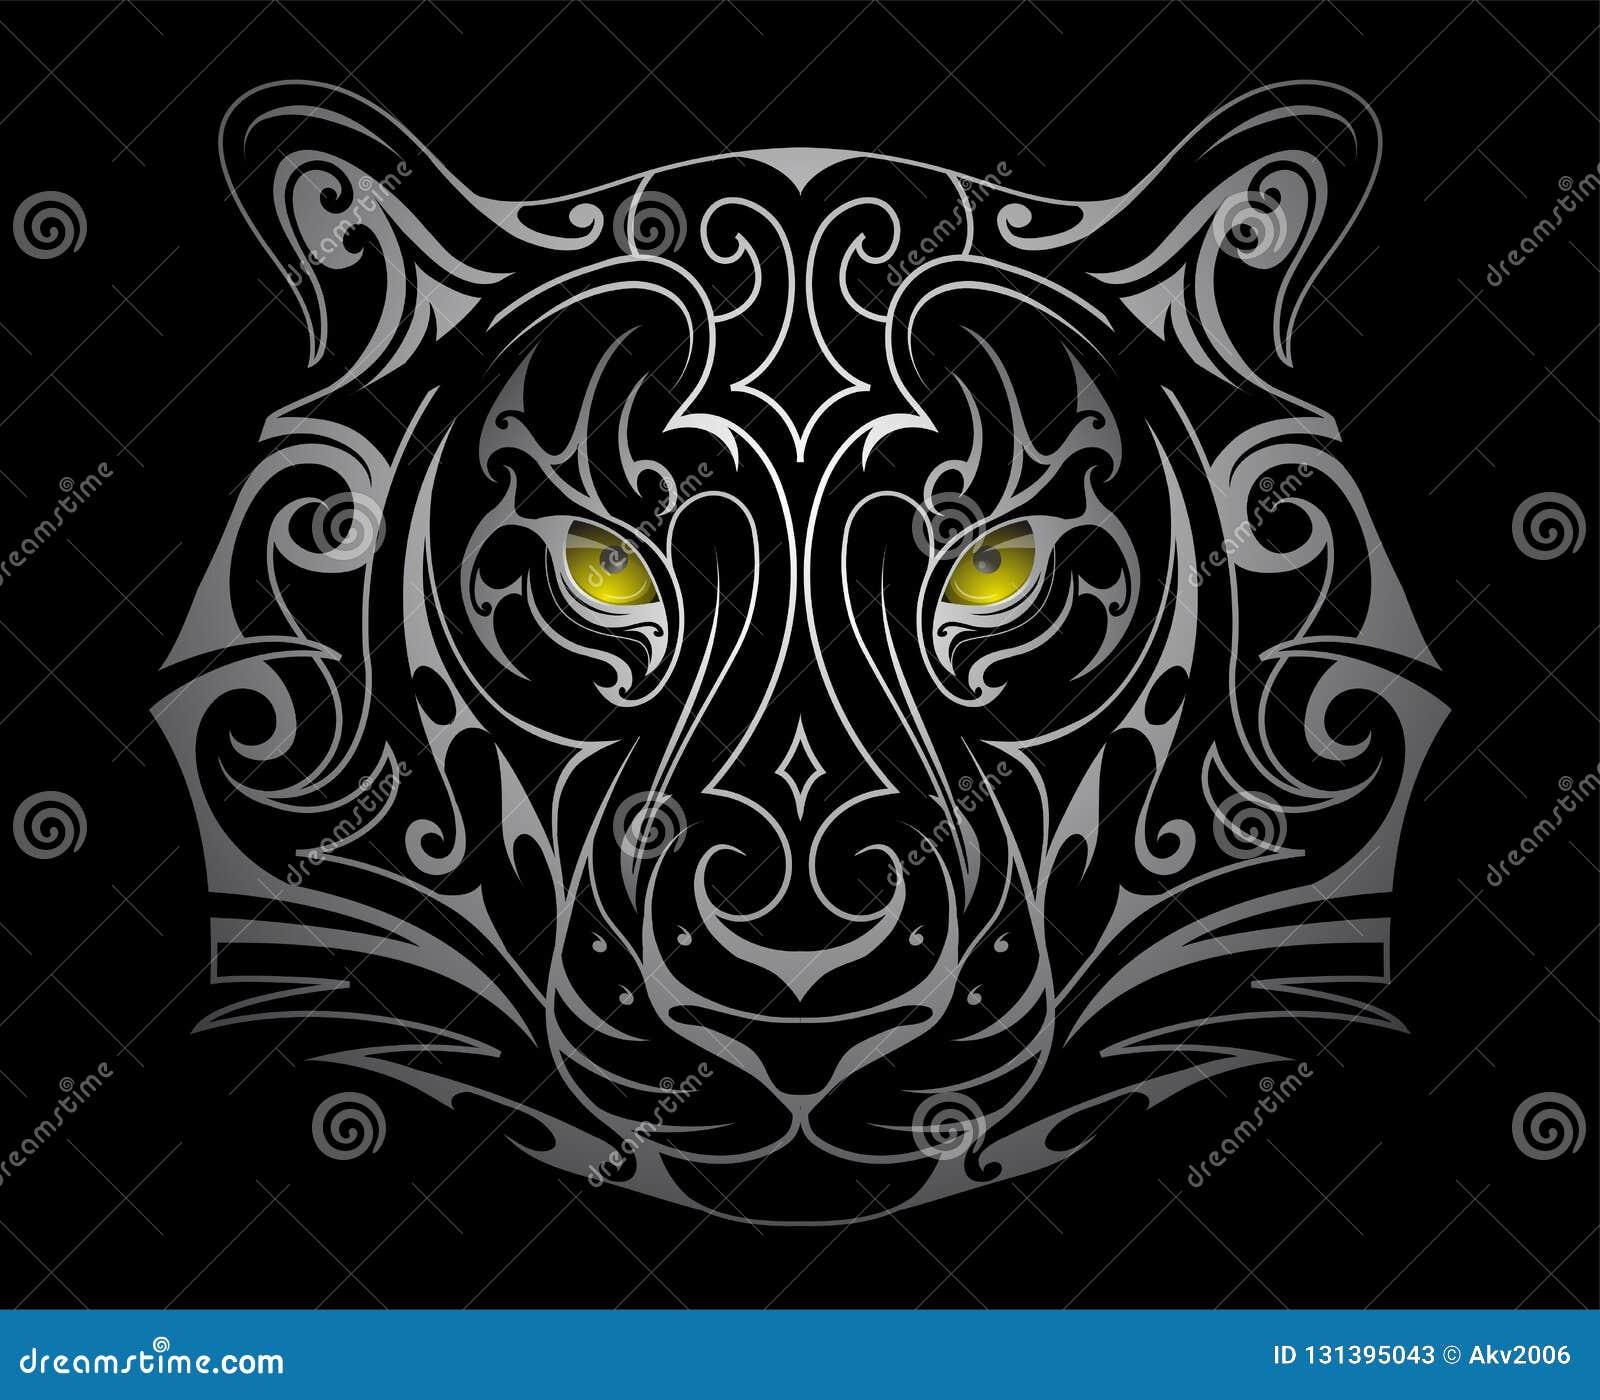 Tiger Head Tattoo Shape Stock Vector Illustration Of Tiger 131395043